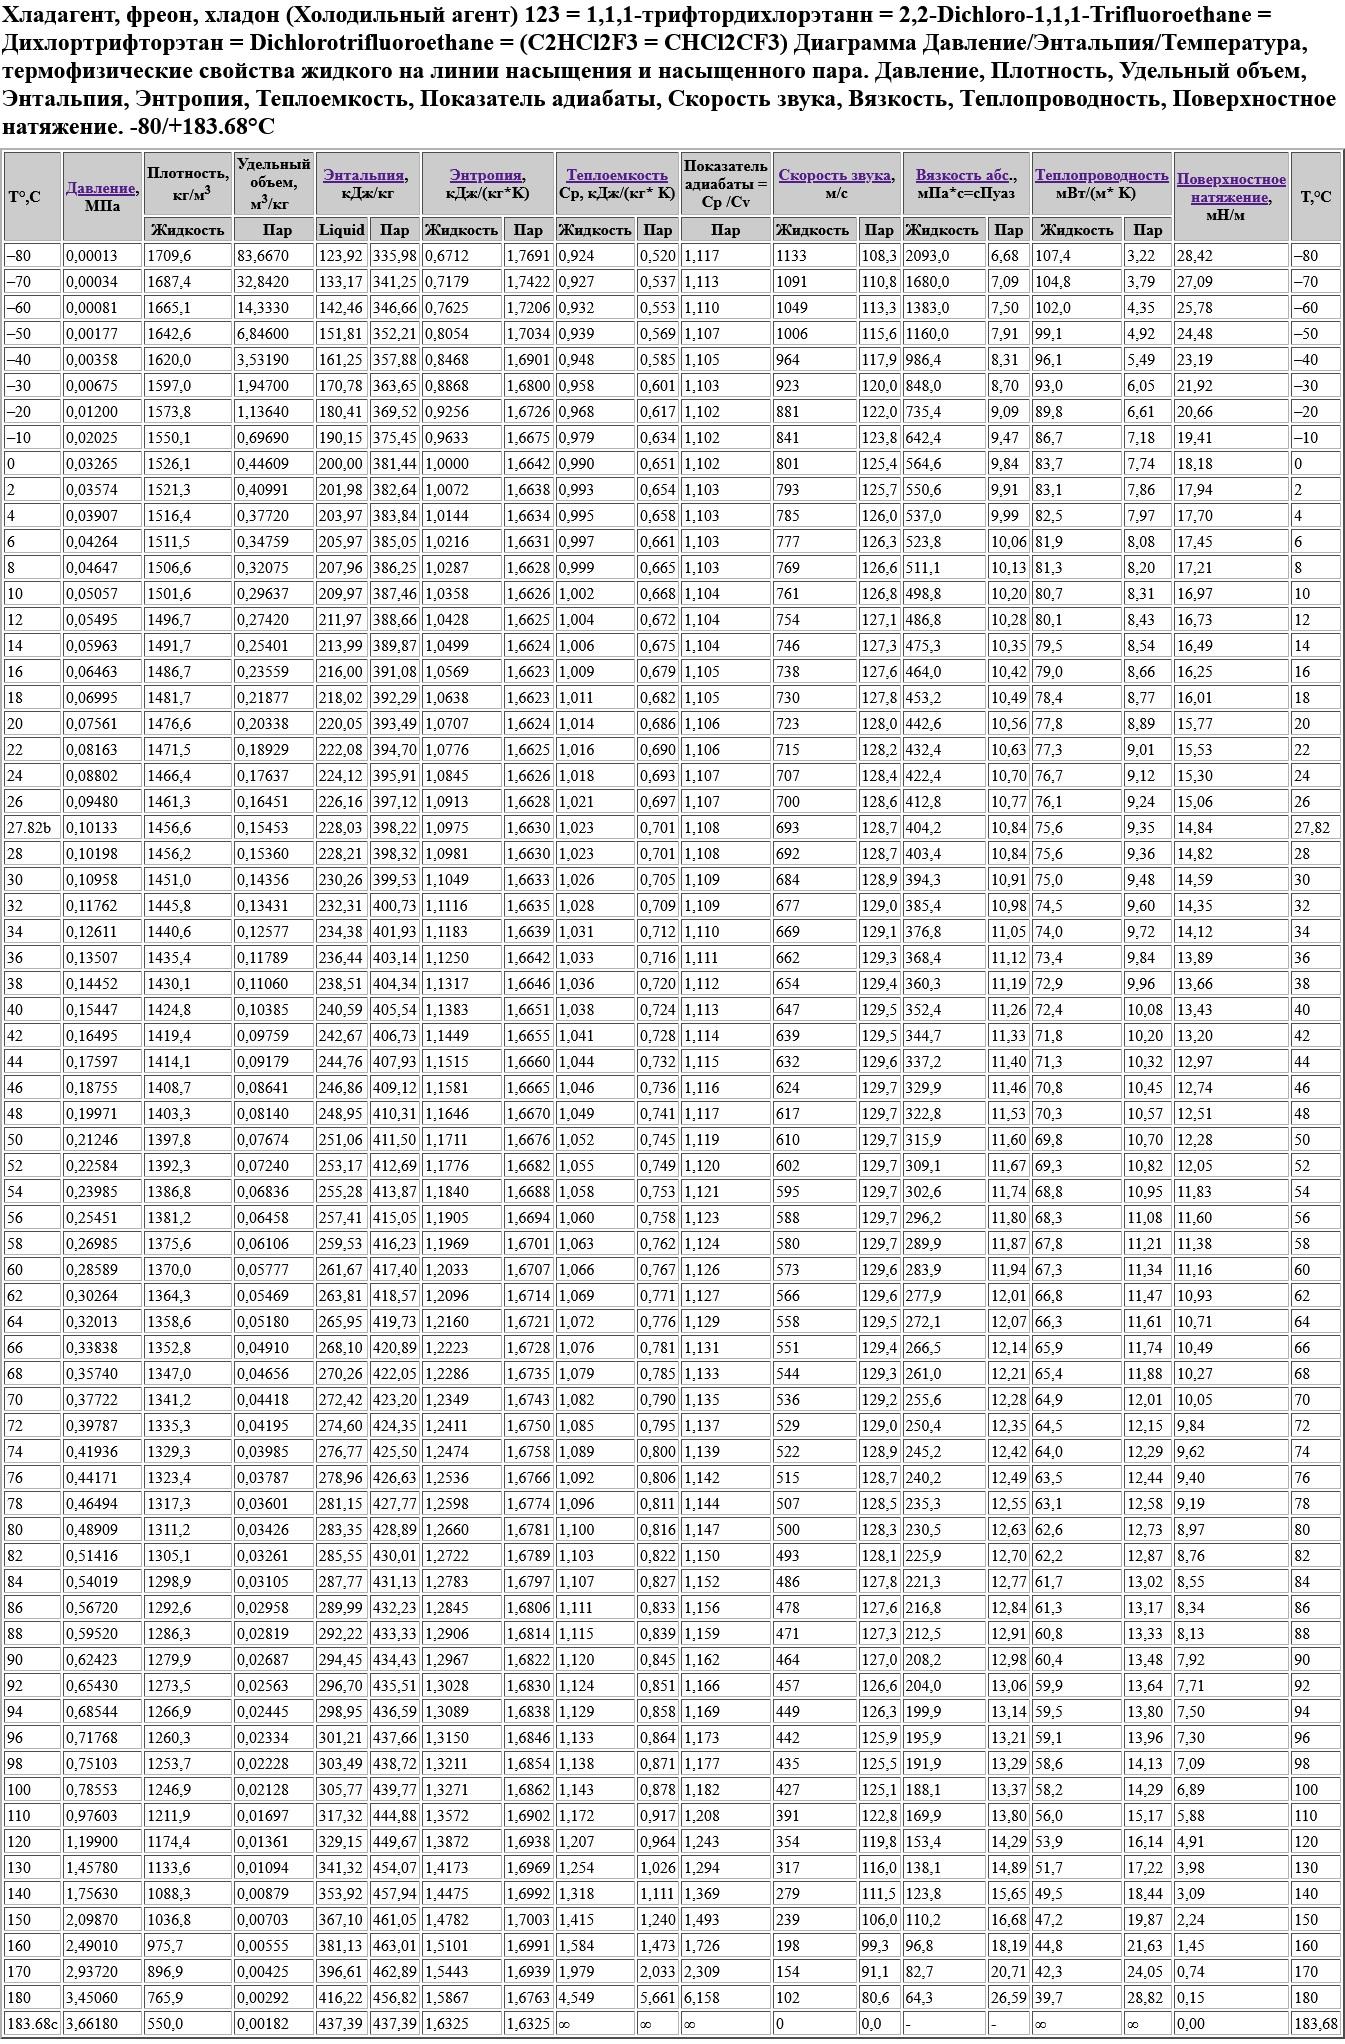 Хладагент, фреон, хладон (Холодильный агент) 123 = 1,1,1-трифтордихлорэтанн = 2,2-Dichloro-1,1,1-Trifluoroethane = Дихлортрифторэтан = Dichlorotrifluoroethane = (C2HCl2F3 или CHCl2CF3) Диаграмма Давление/Энтальпия/Температура, термофизические свойства жидкого на линии насыщения и насыщенного пара. Давление, Плотность, Удельный объем, Энтальпия, Энтропия, Теплоемкость, Показатель адиабаты, Скорость звука, Вязкость, Теплопроводность, Поверхностное натяжение. -80/+183.68°C